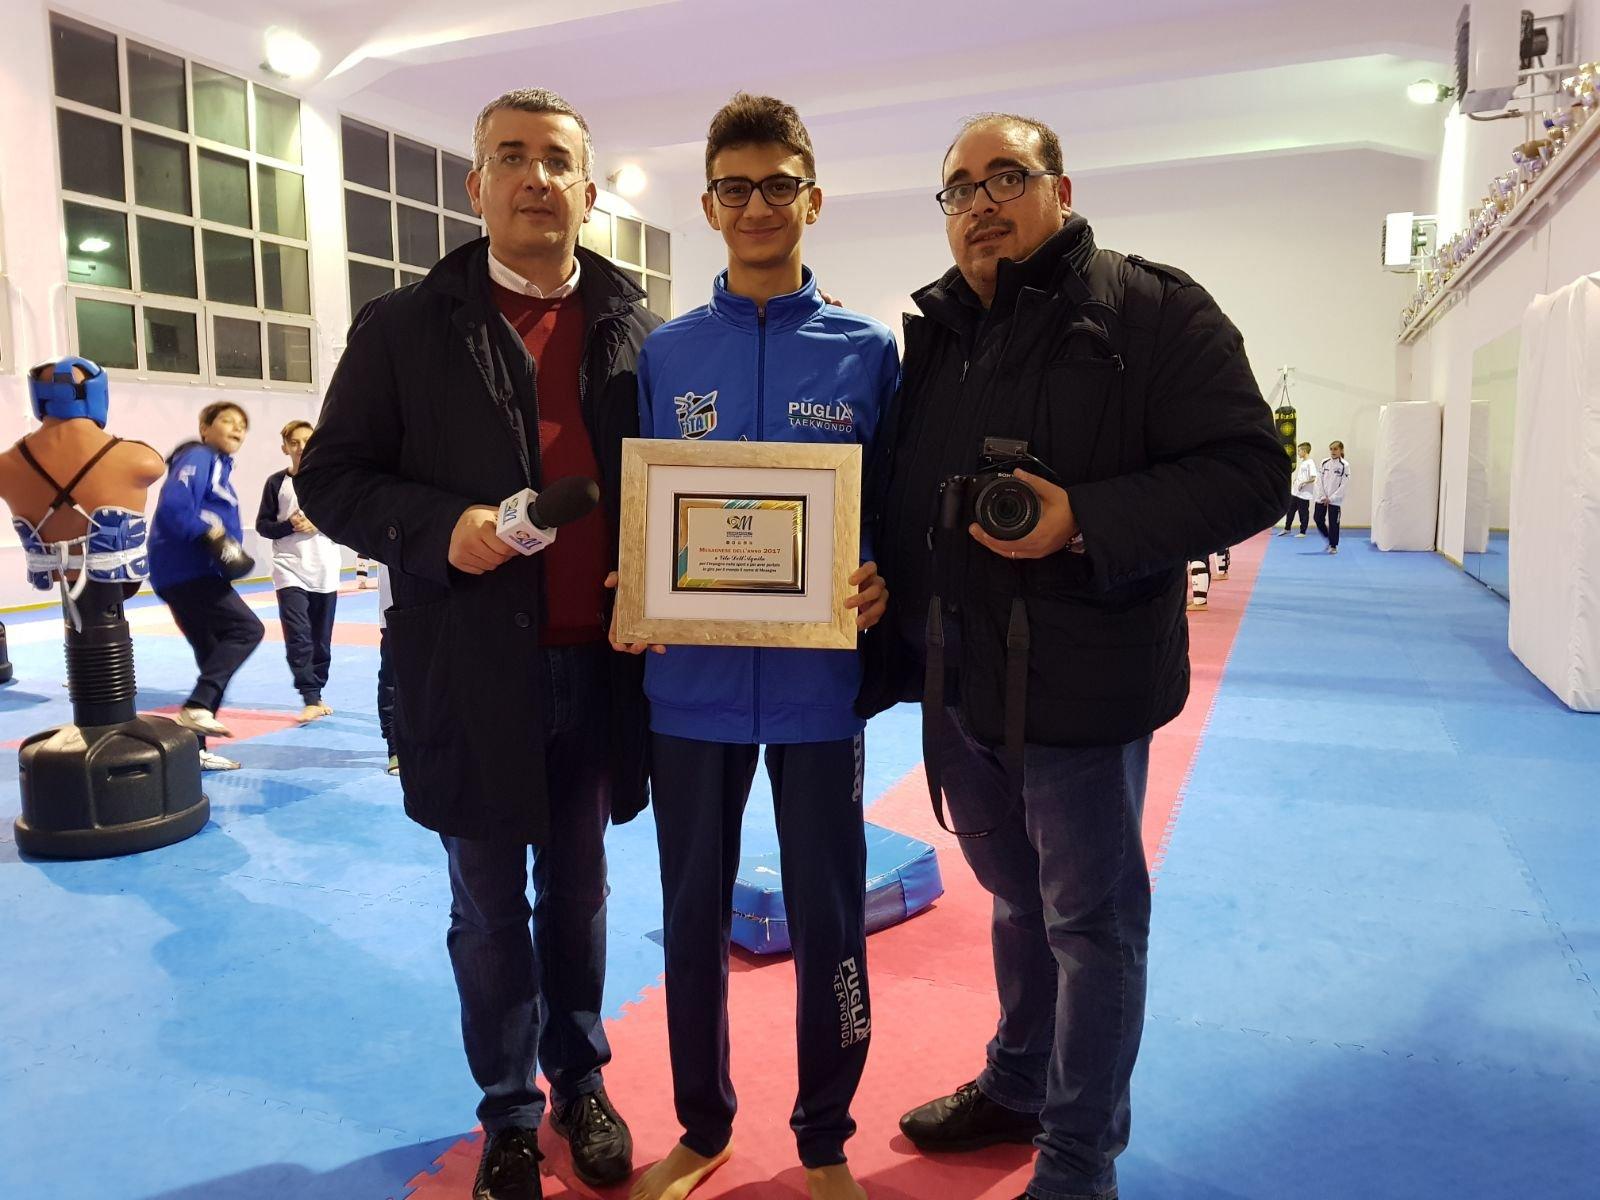 Consegnato a Vito Dell'Aquila il riconoscimento di Mesagnese dell'anno 2017